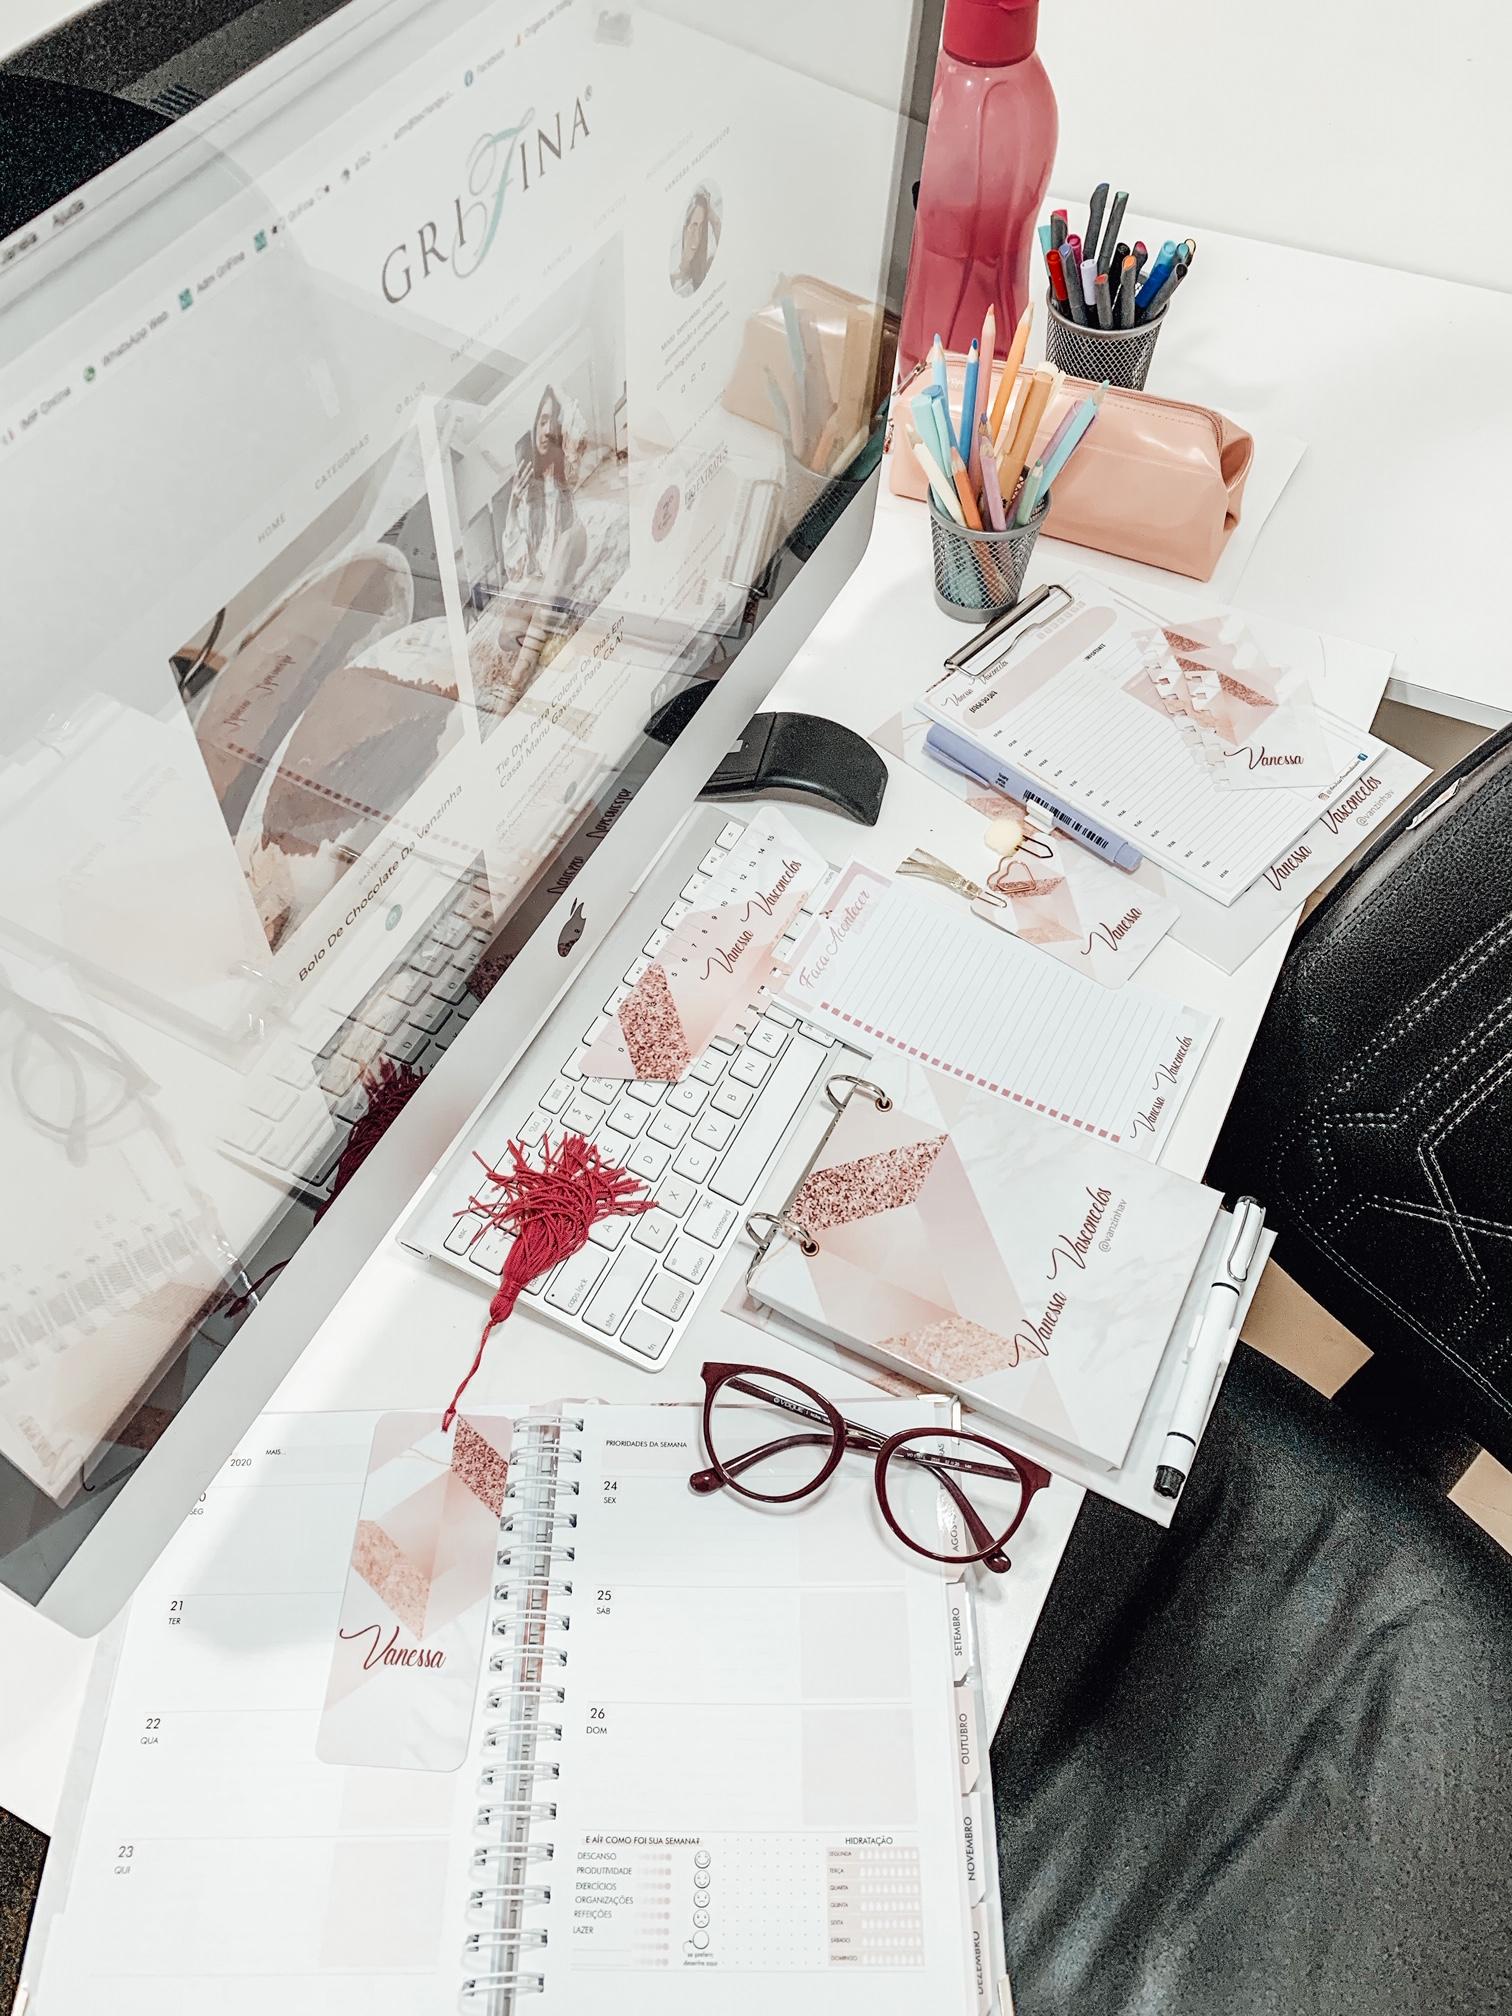 Morartes aposta em Planners e papelaria personalizados 6